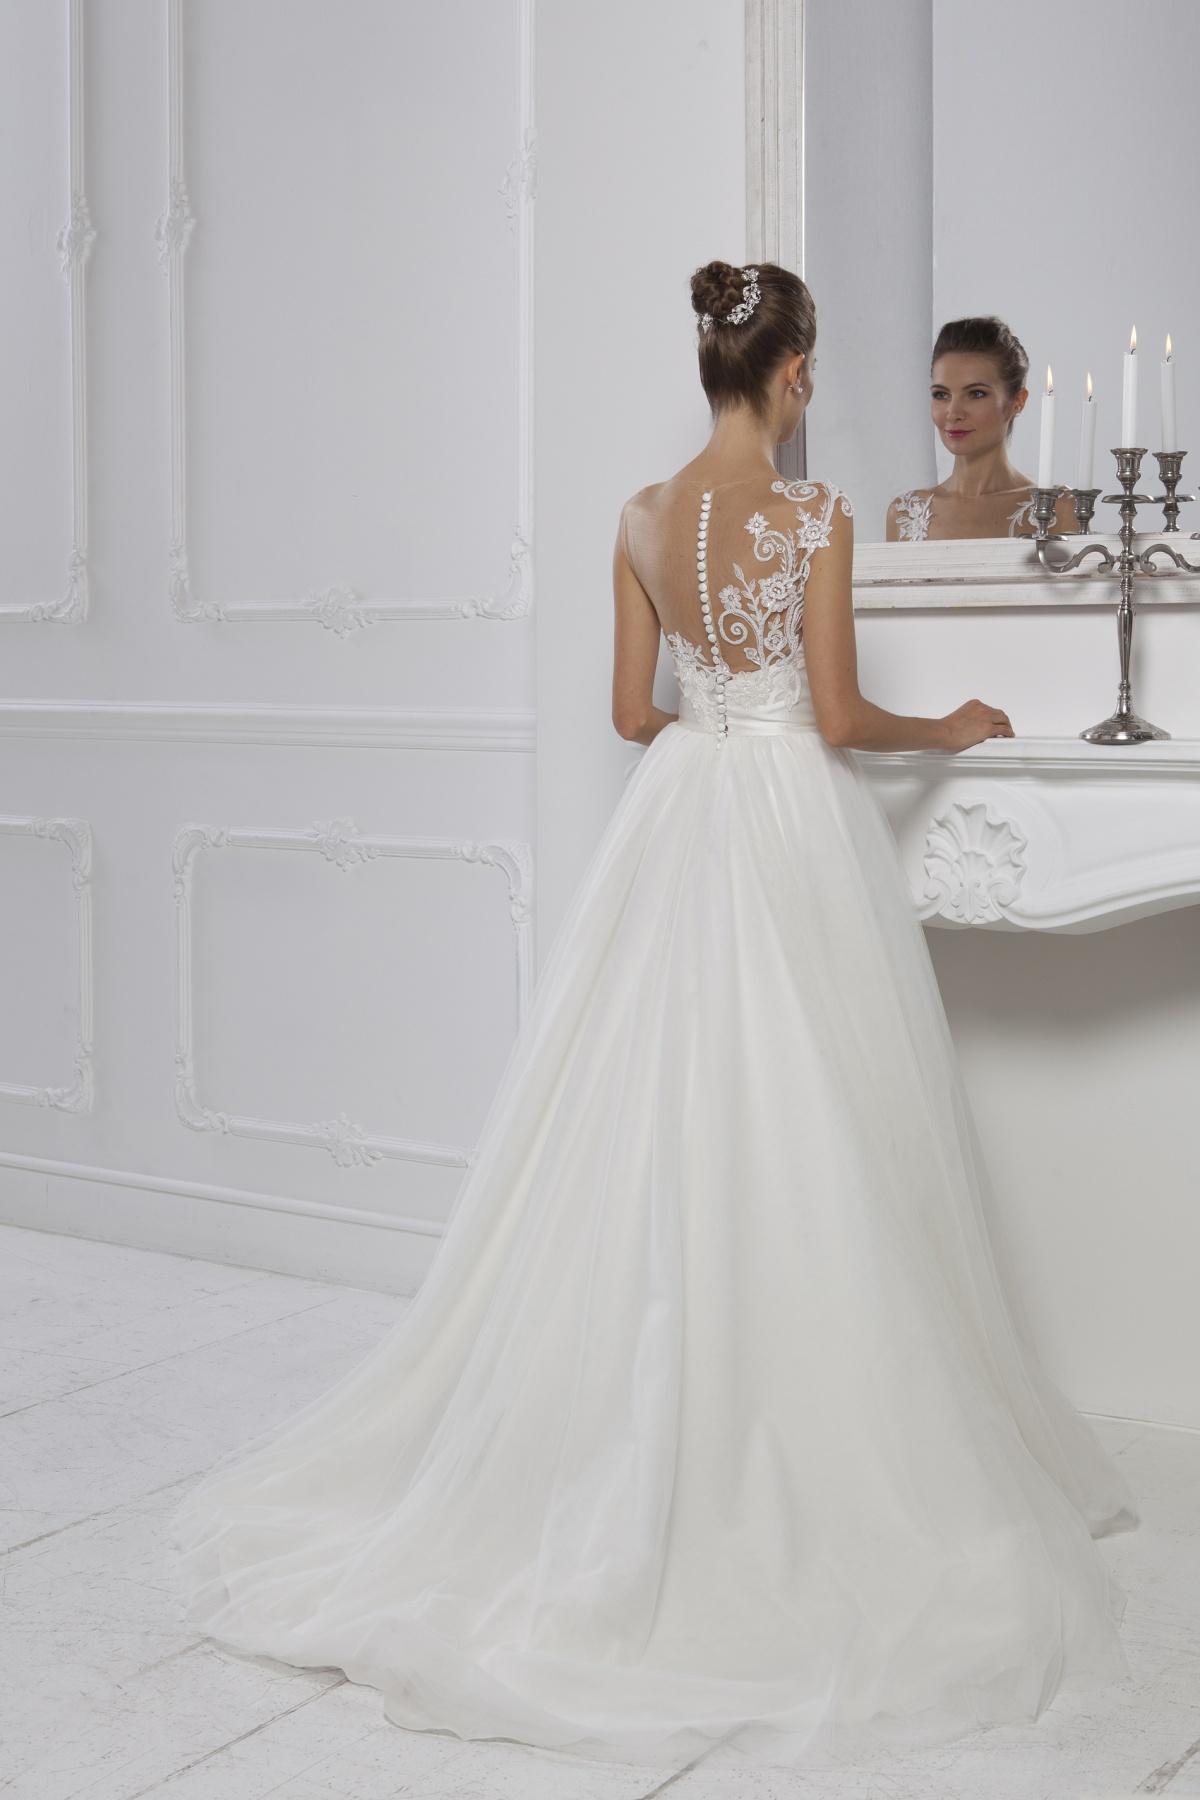 0bfe273e2528 Di seguito trovi alcuni modelli di abiti da sposa con strascico per il  2018. Consulta il nostro catalogo nella sezione dedicata alla sposa e trova  ...